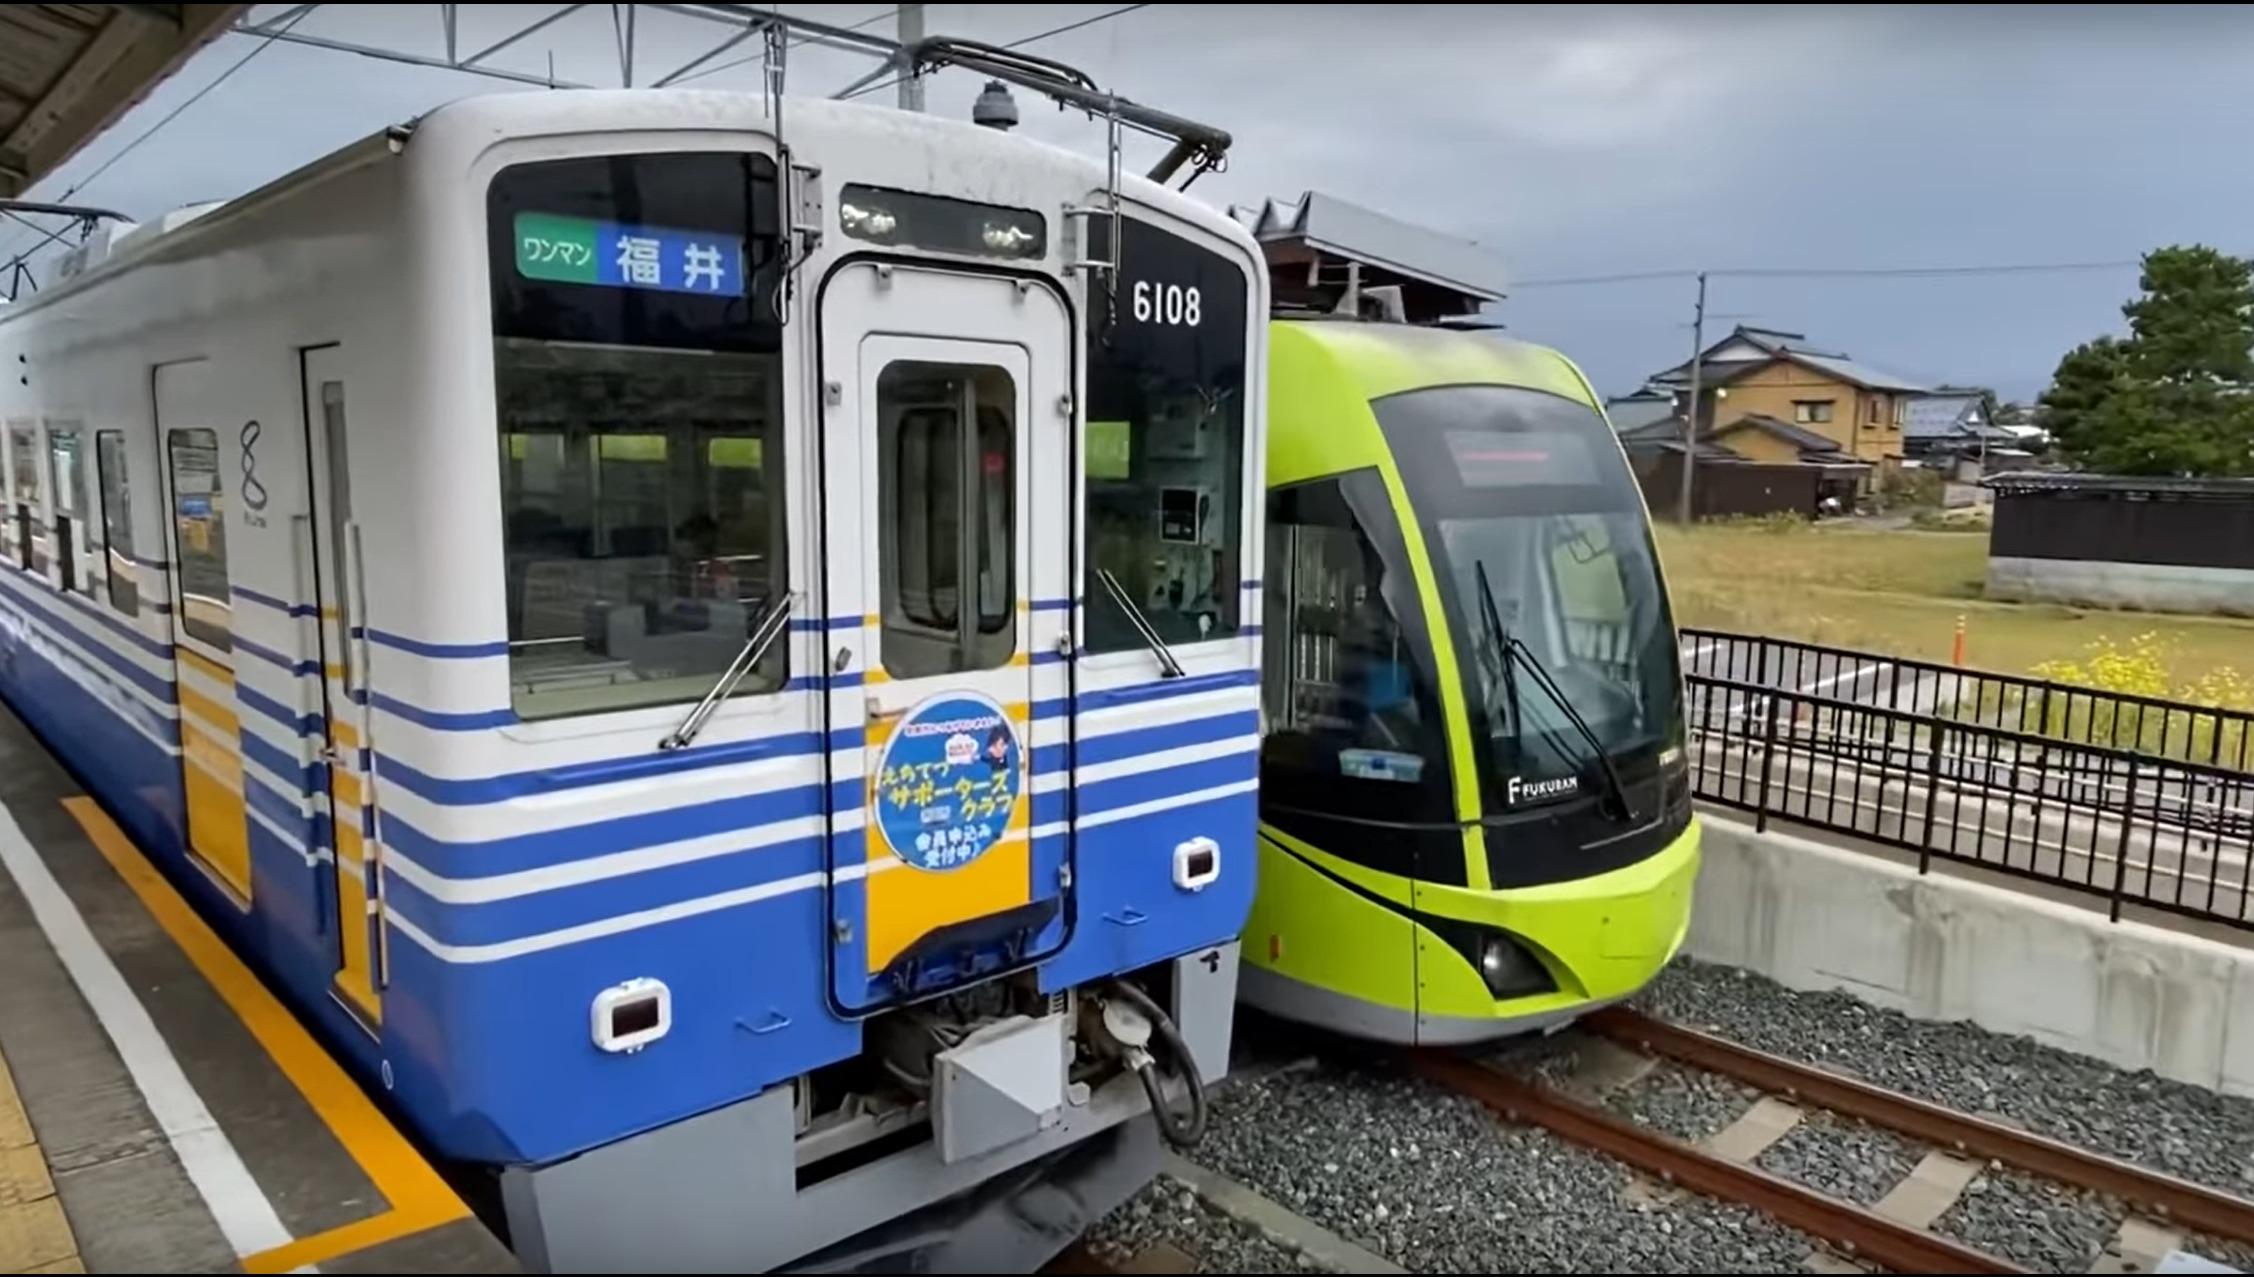 【日本最速!】路面電車が珍しい急行運転!電車線と直通運転する面白い路線